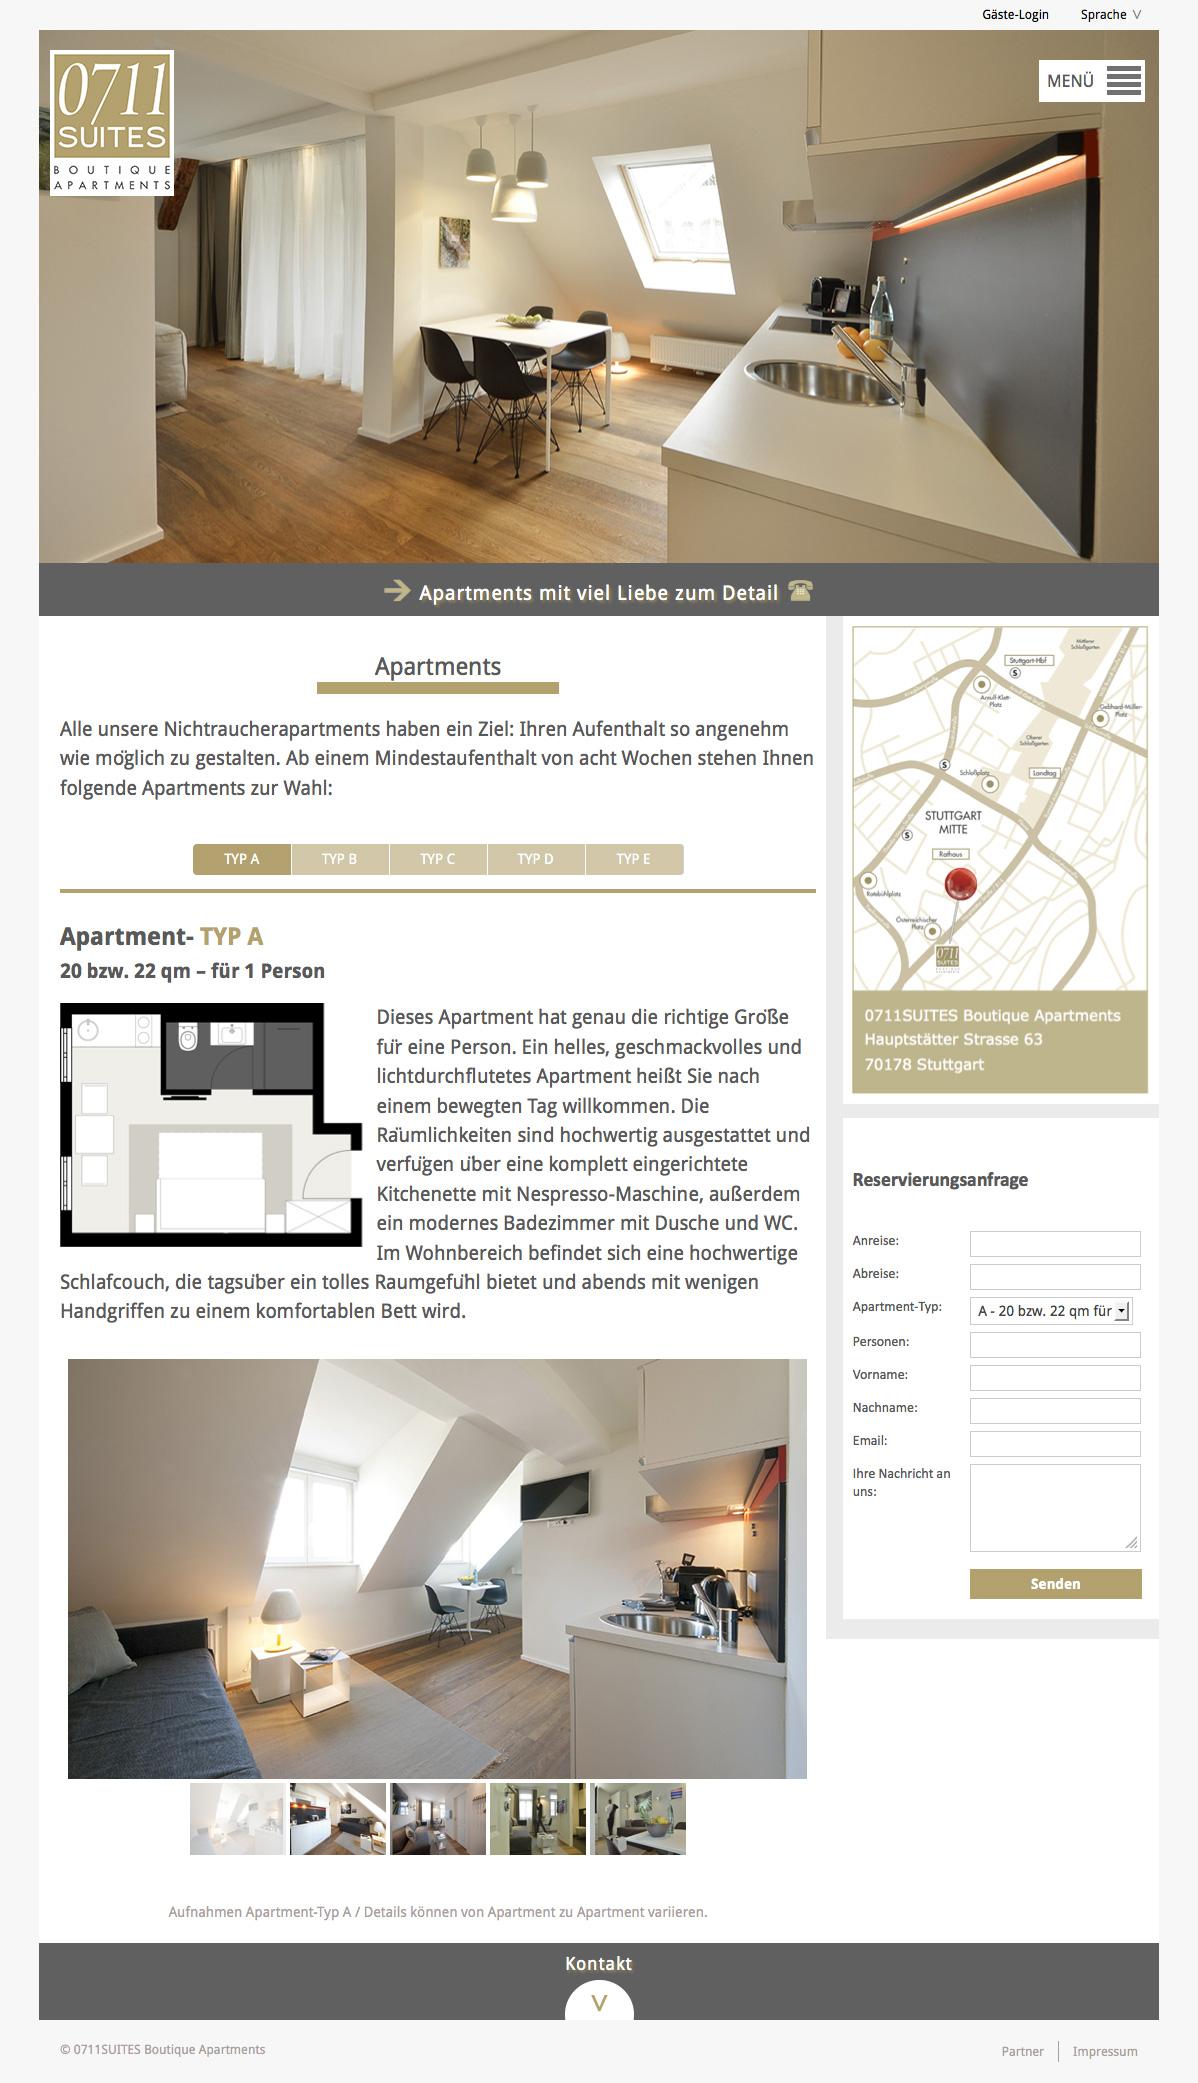 0711 SUITES Boutique Apartments